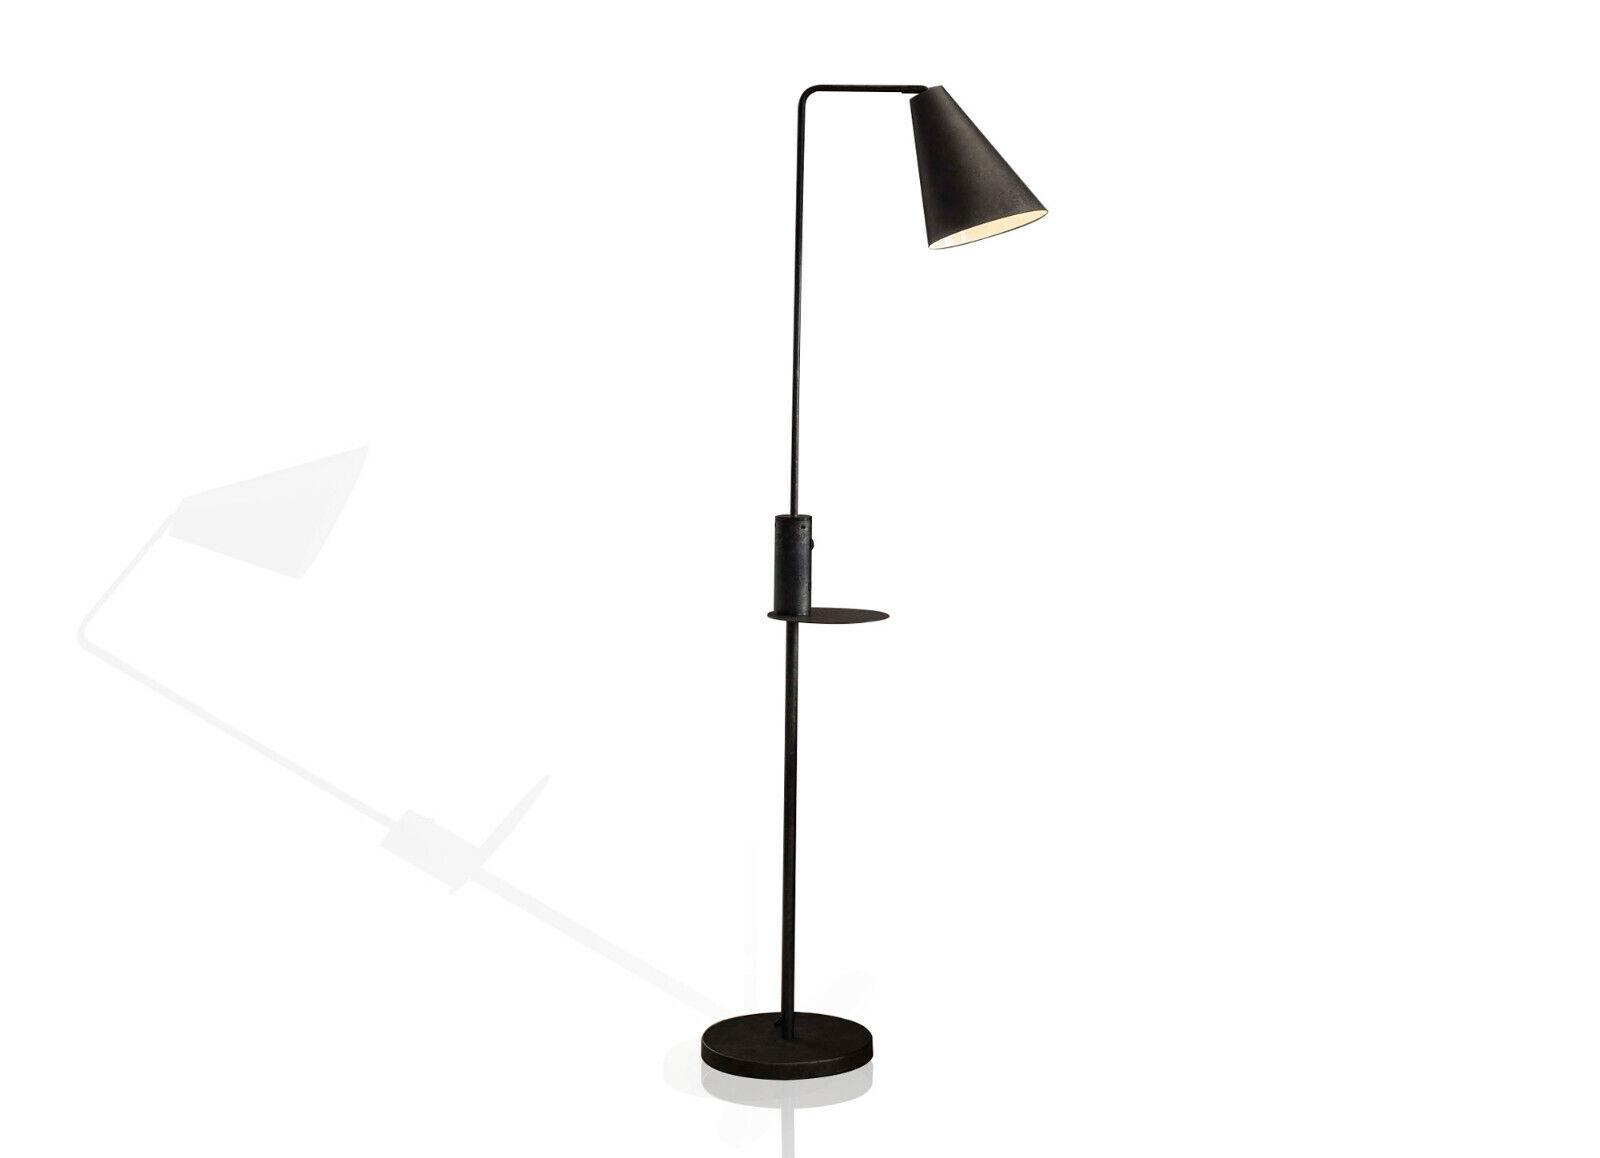 EMELIA Stehlampe Lampe Metallleuchte mit USB Ladestation schwarz E27-Fassung